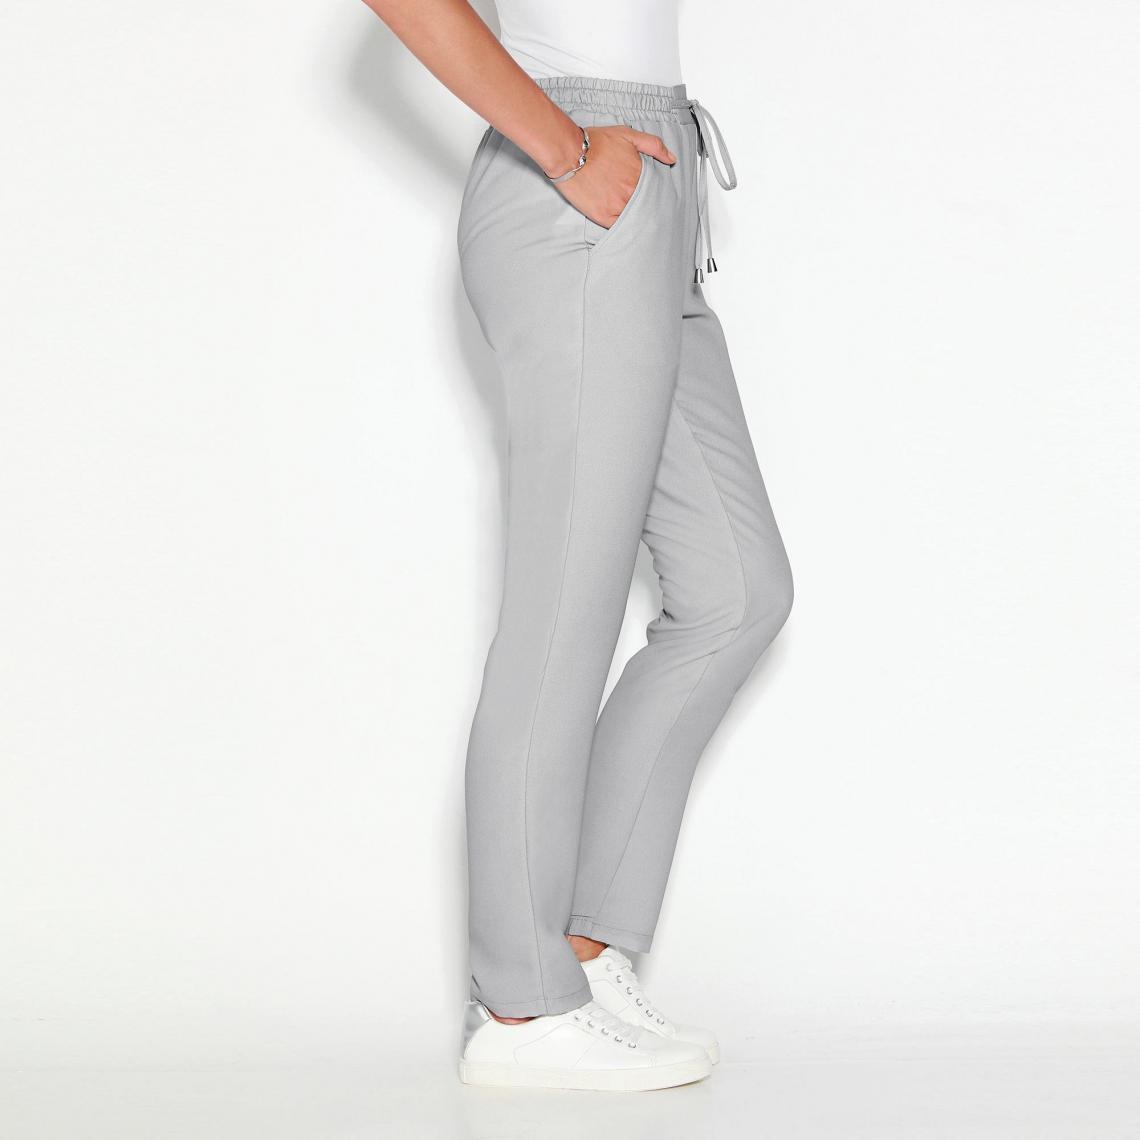 Pantalon uni taille élastique et cordon femme Exclusivité 3SUISSES - Gris  Perle 3 SUISSES Femme fb1bc232040